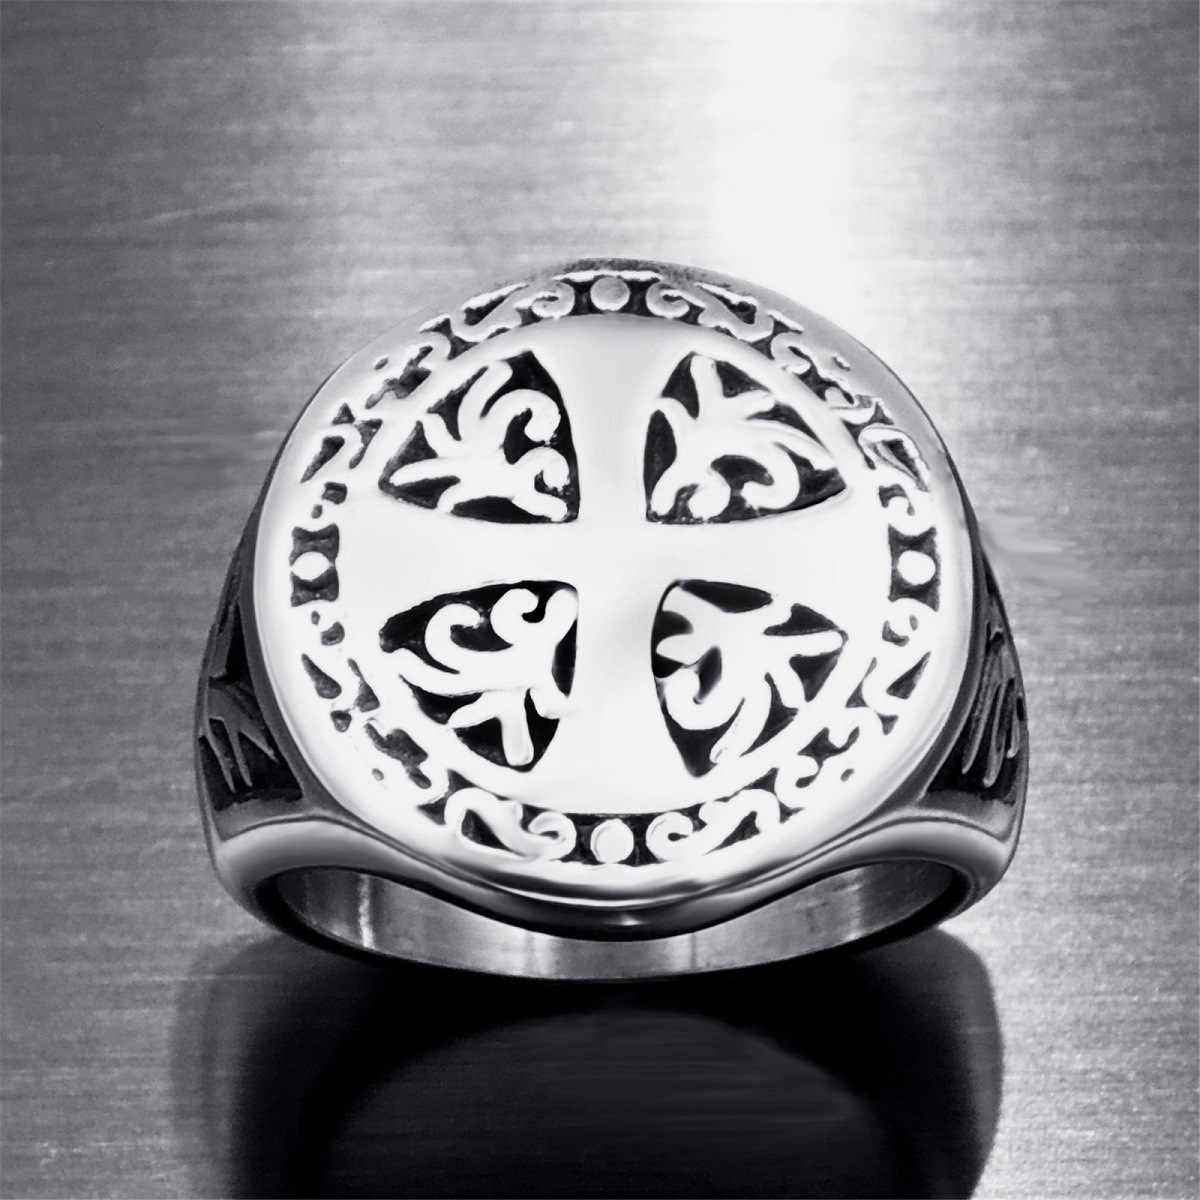 Vintage ไทเทเนียม Punk Rock คริสเตียนศาสนา Cross แหวน 316L สแตนเลสผู้ชายพ่อของขวัญเครื่องประดับขนาด 7 8 9 10 11 12 13 14